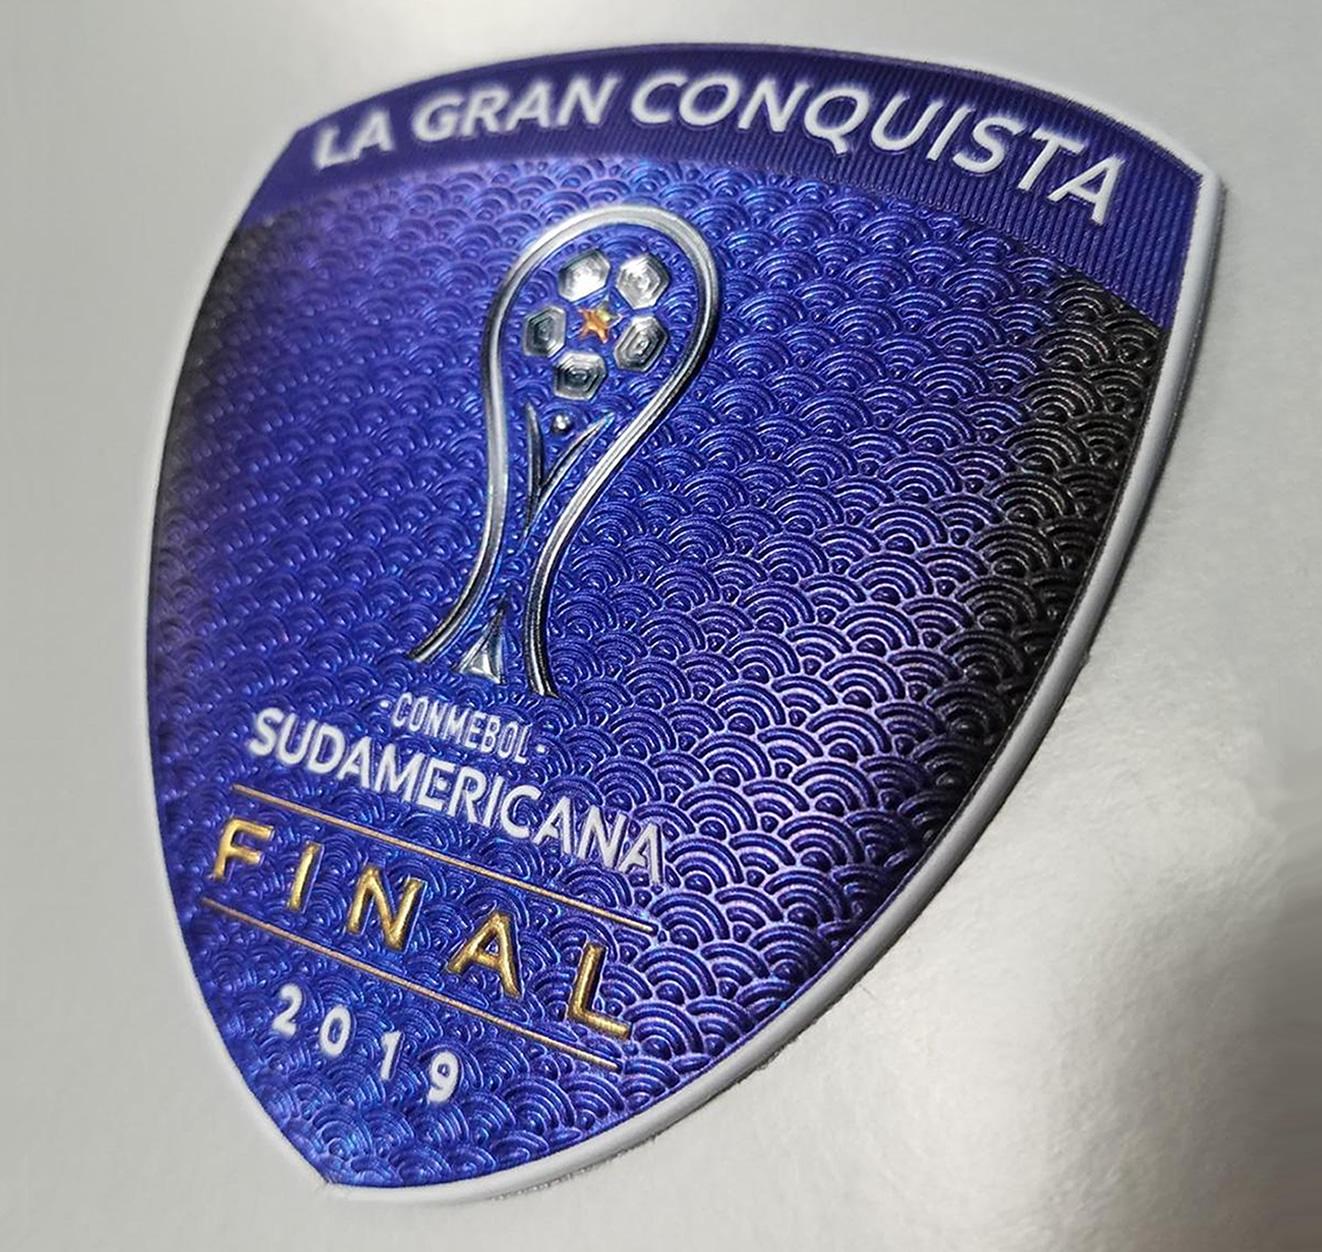 Parche oficial de la Final 2019 de la Copa Sudamericana   Imagen CONMEBOL